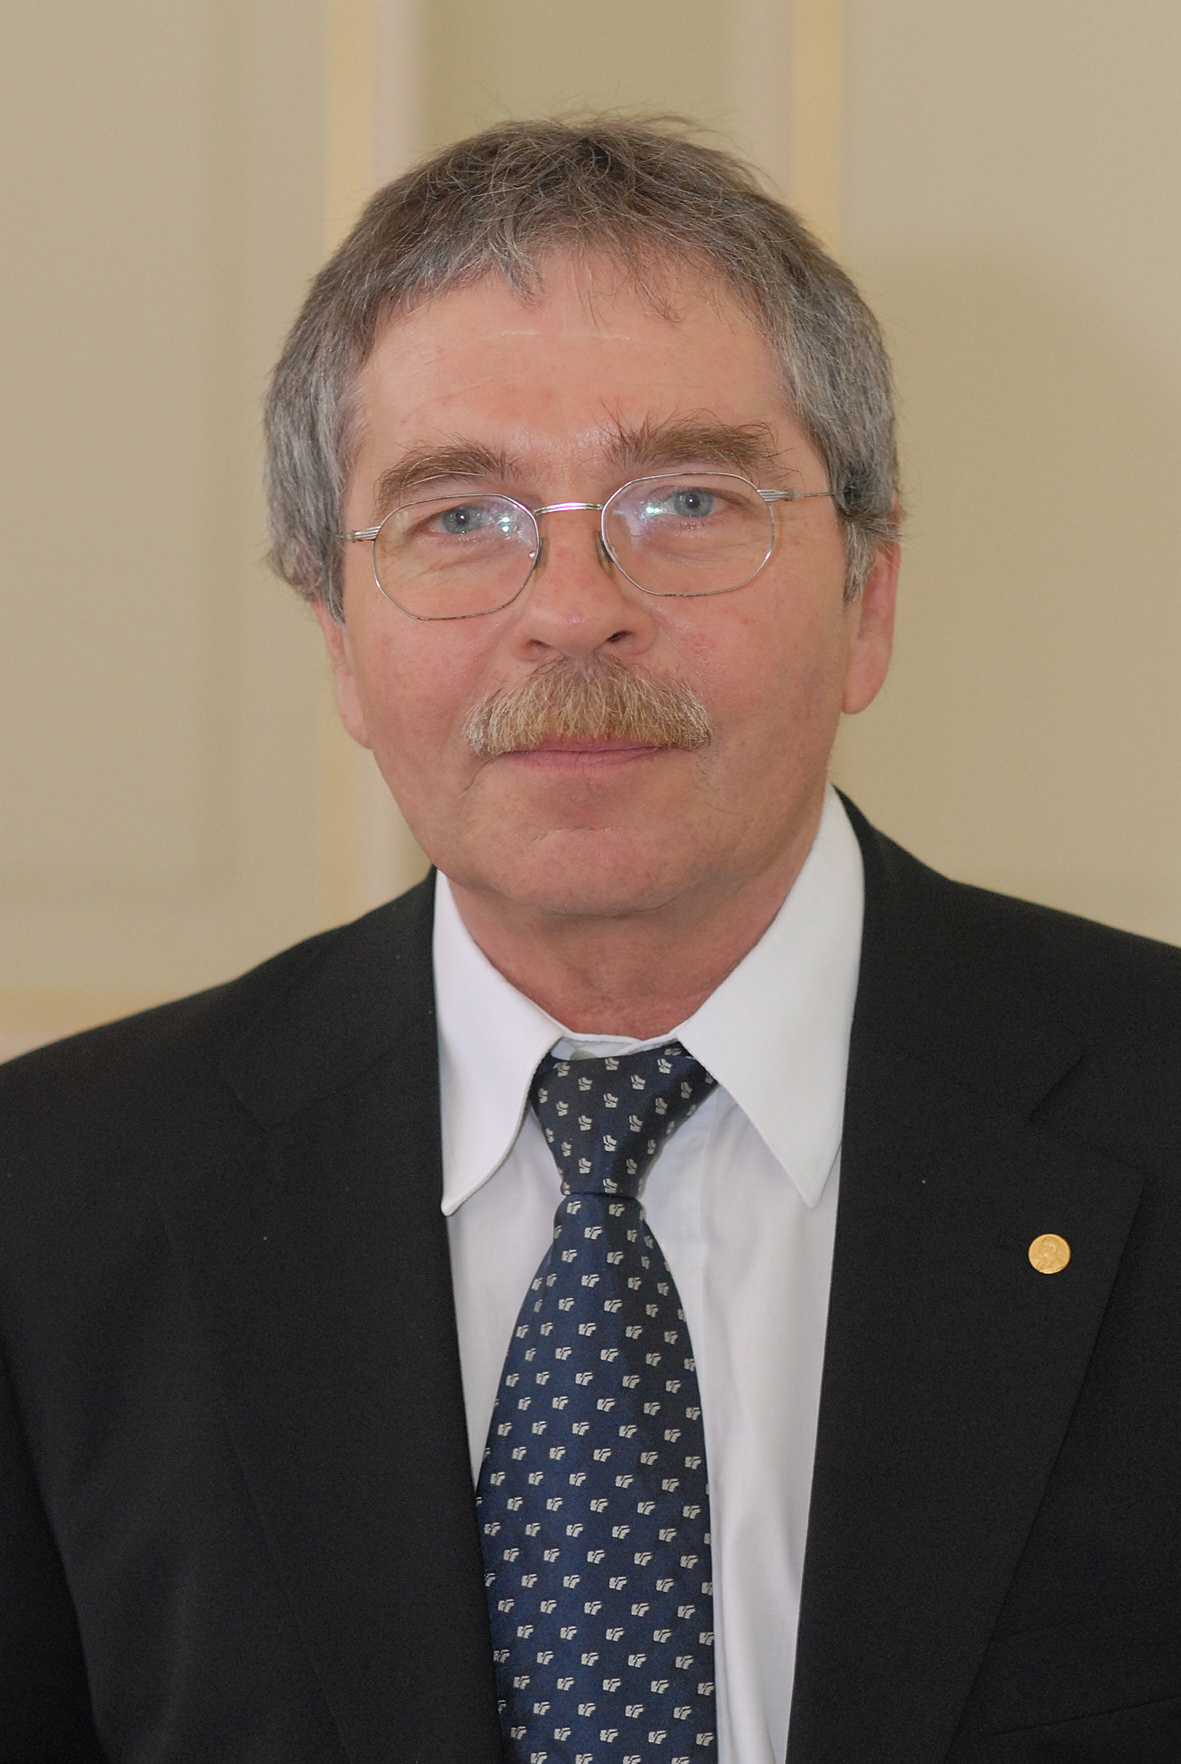 Dr. Georg Bednorz